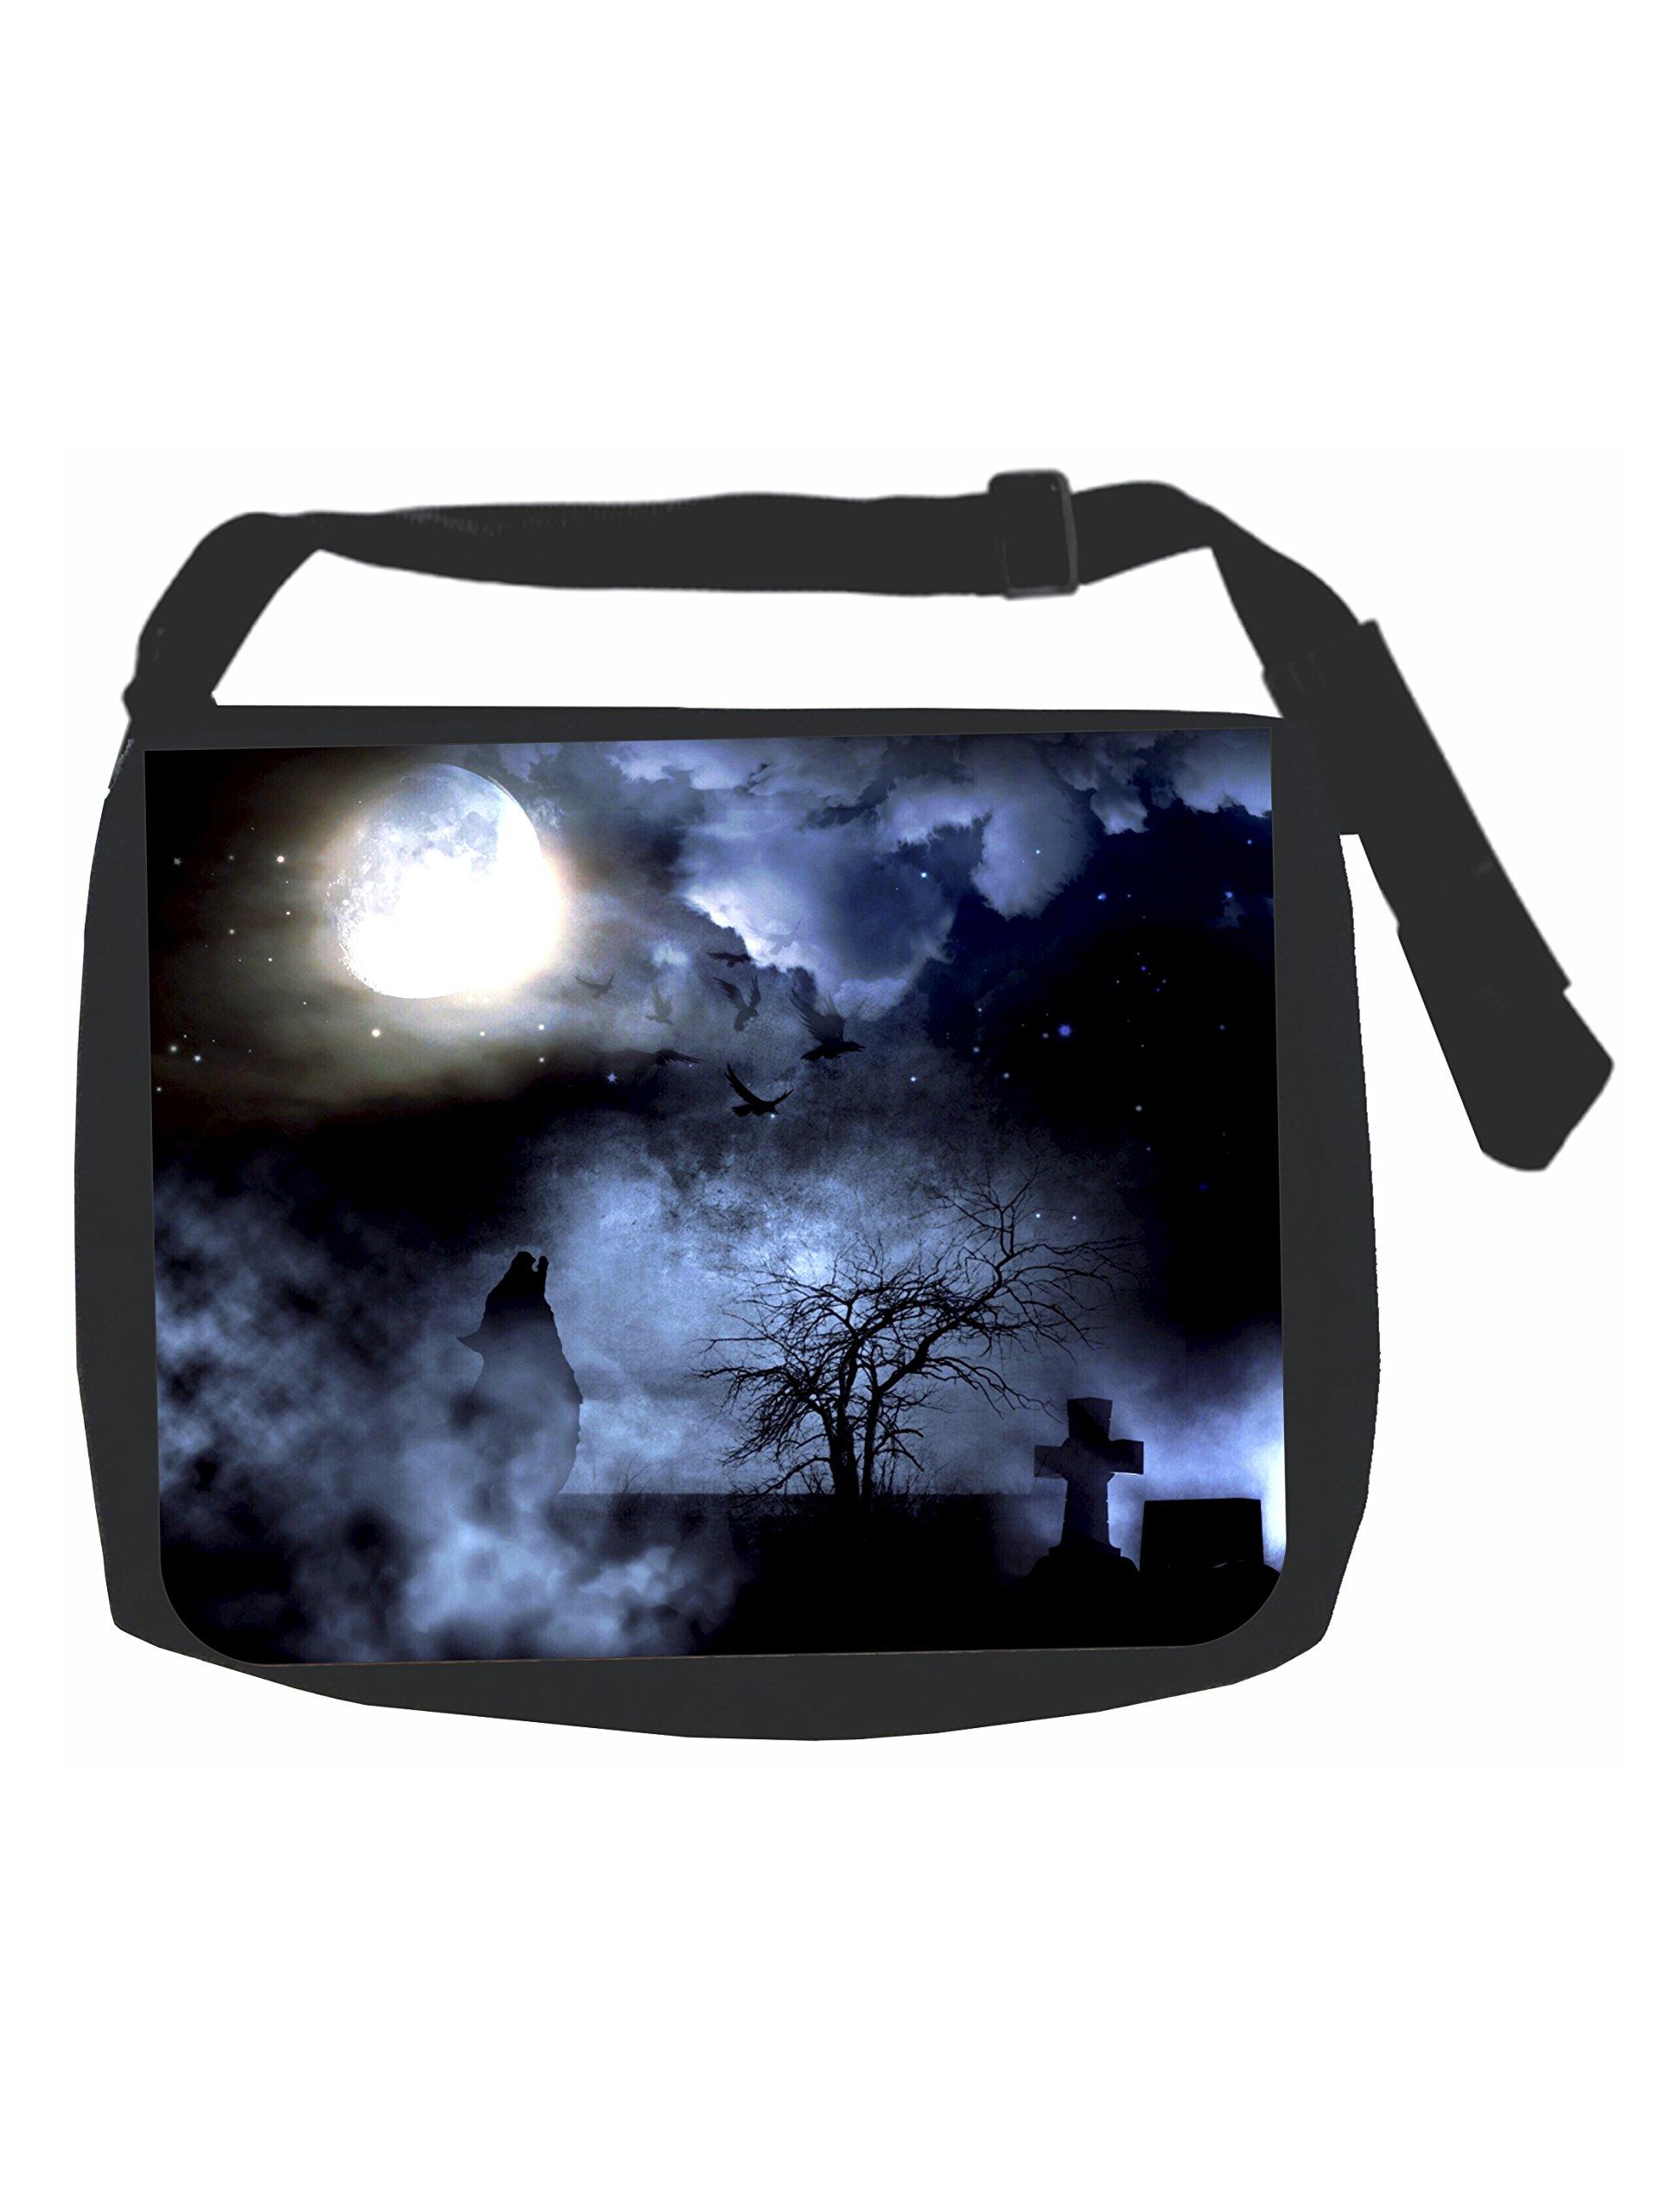 Wolf Howling in the Moonlight - Black Laptop Shoulder Messenger Bag